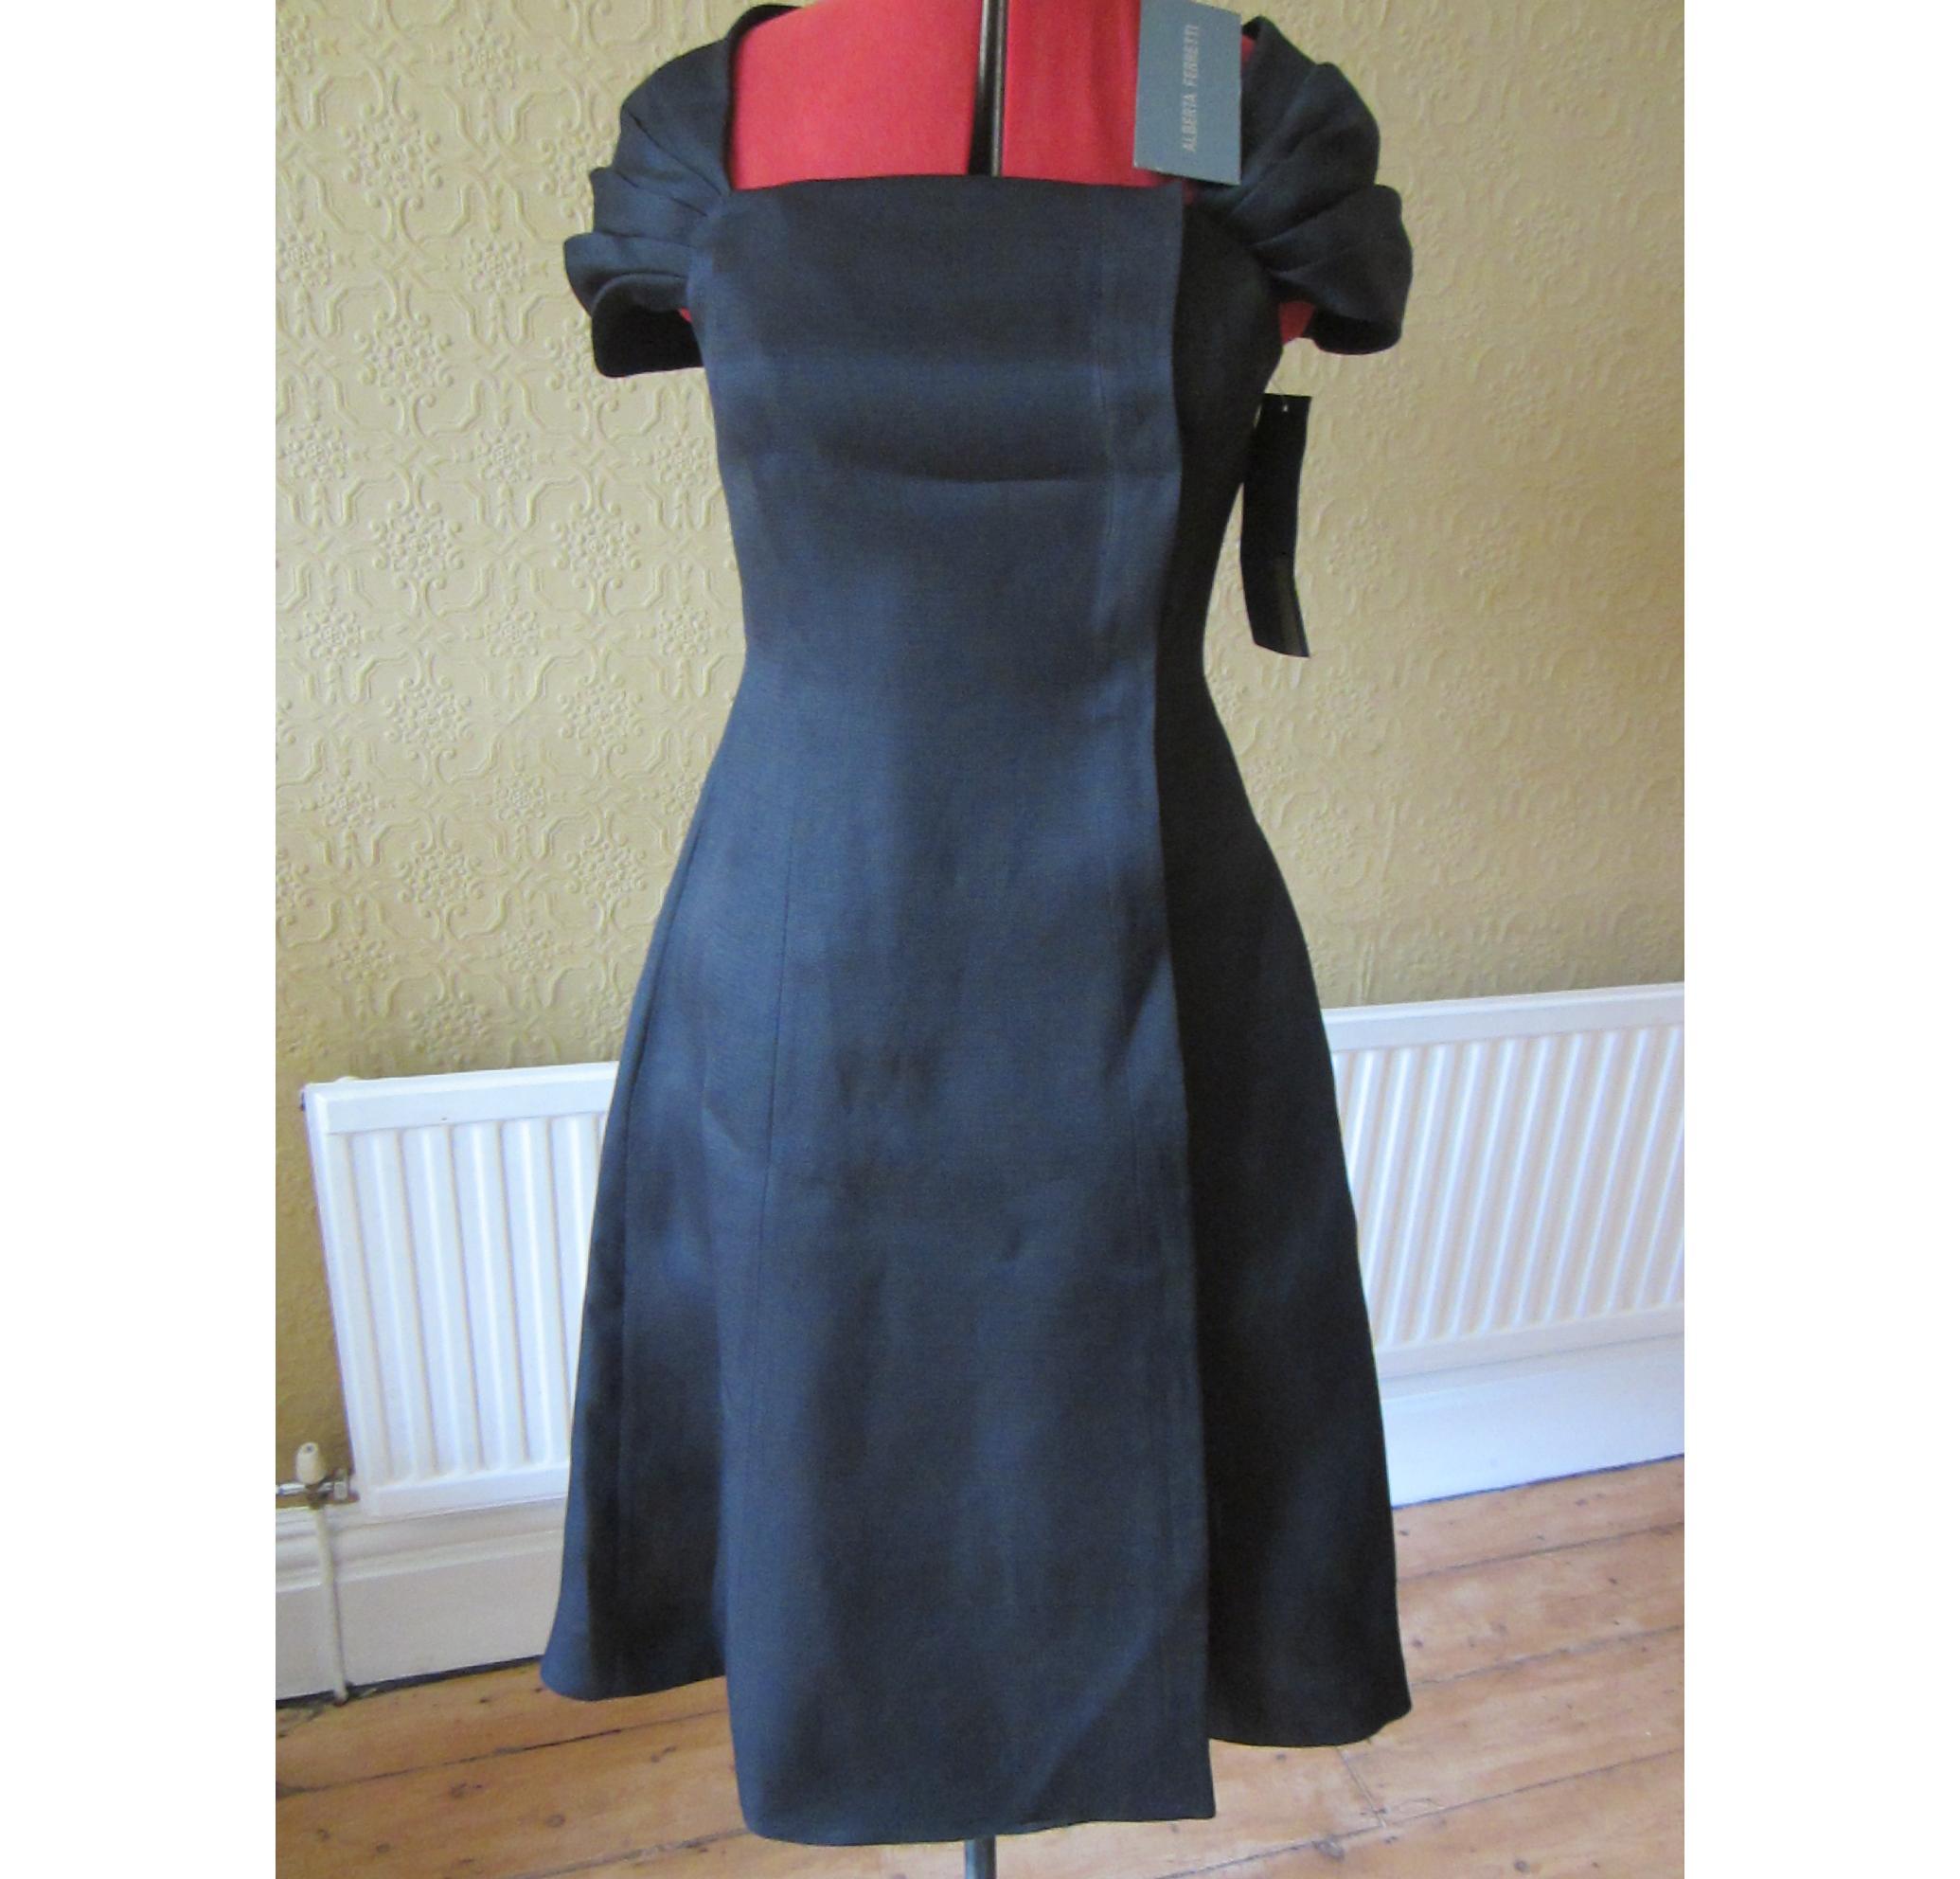 ALBERTA FERRETTI �1,080 BRAND NEW BLACK DRESS UK8; IT 40; USA 4